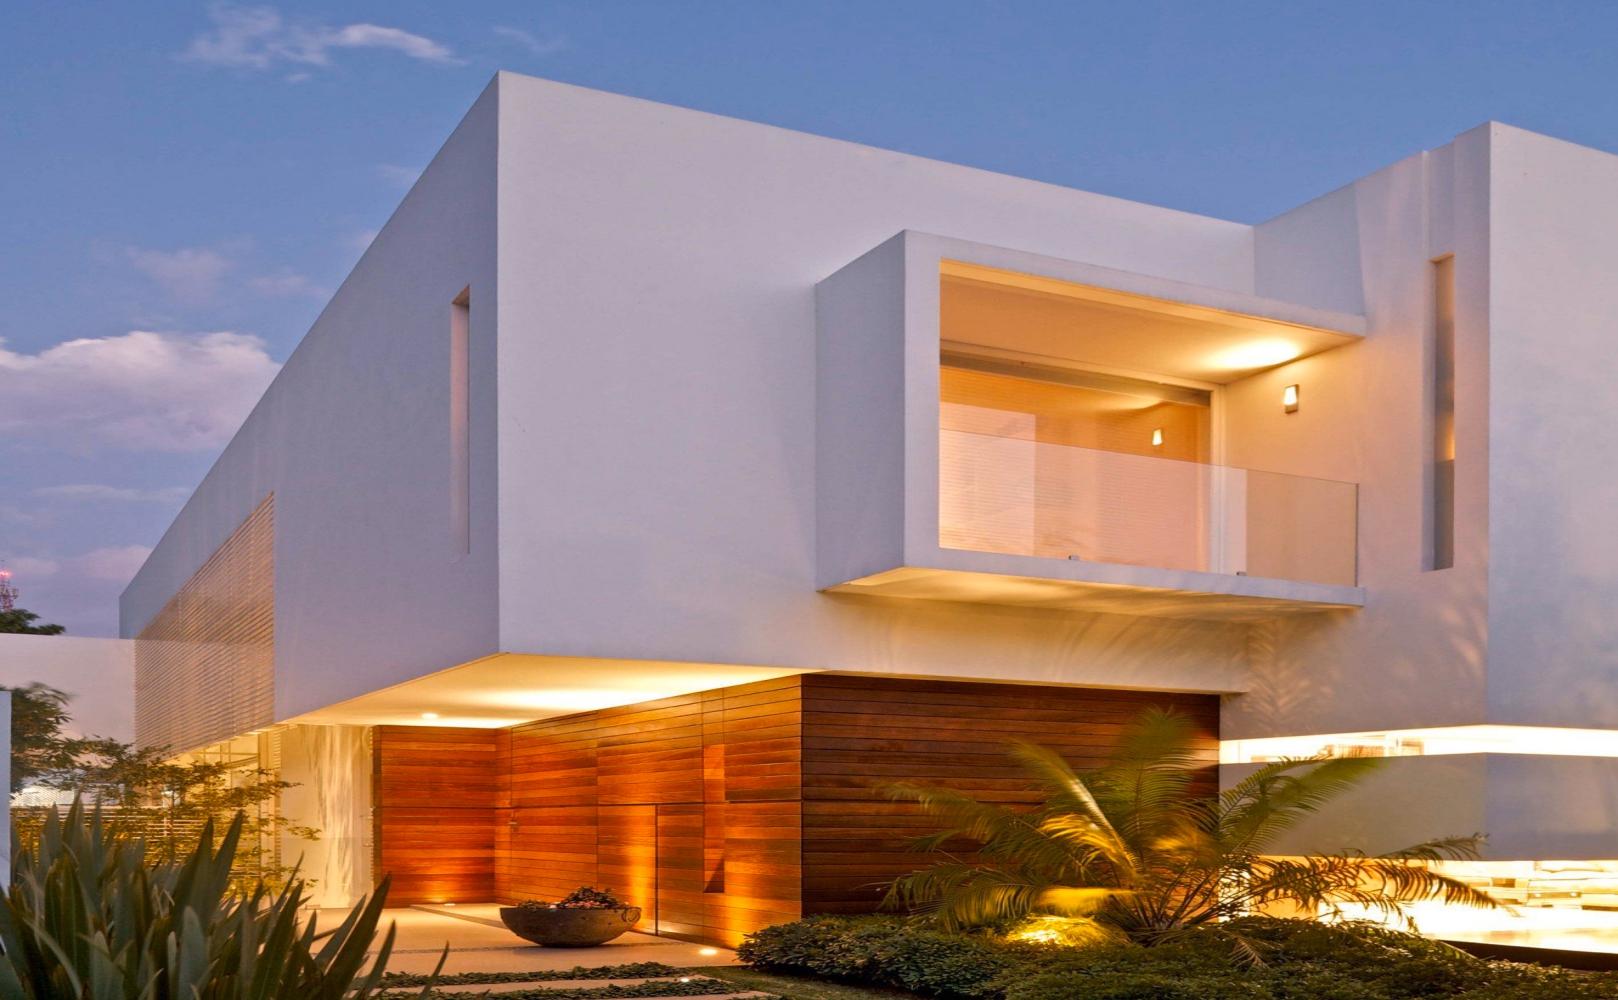 x50621fcf28ba0d07fb000051_casa-lh-divece-arquitectos_casa_lh_7-jpg